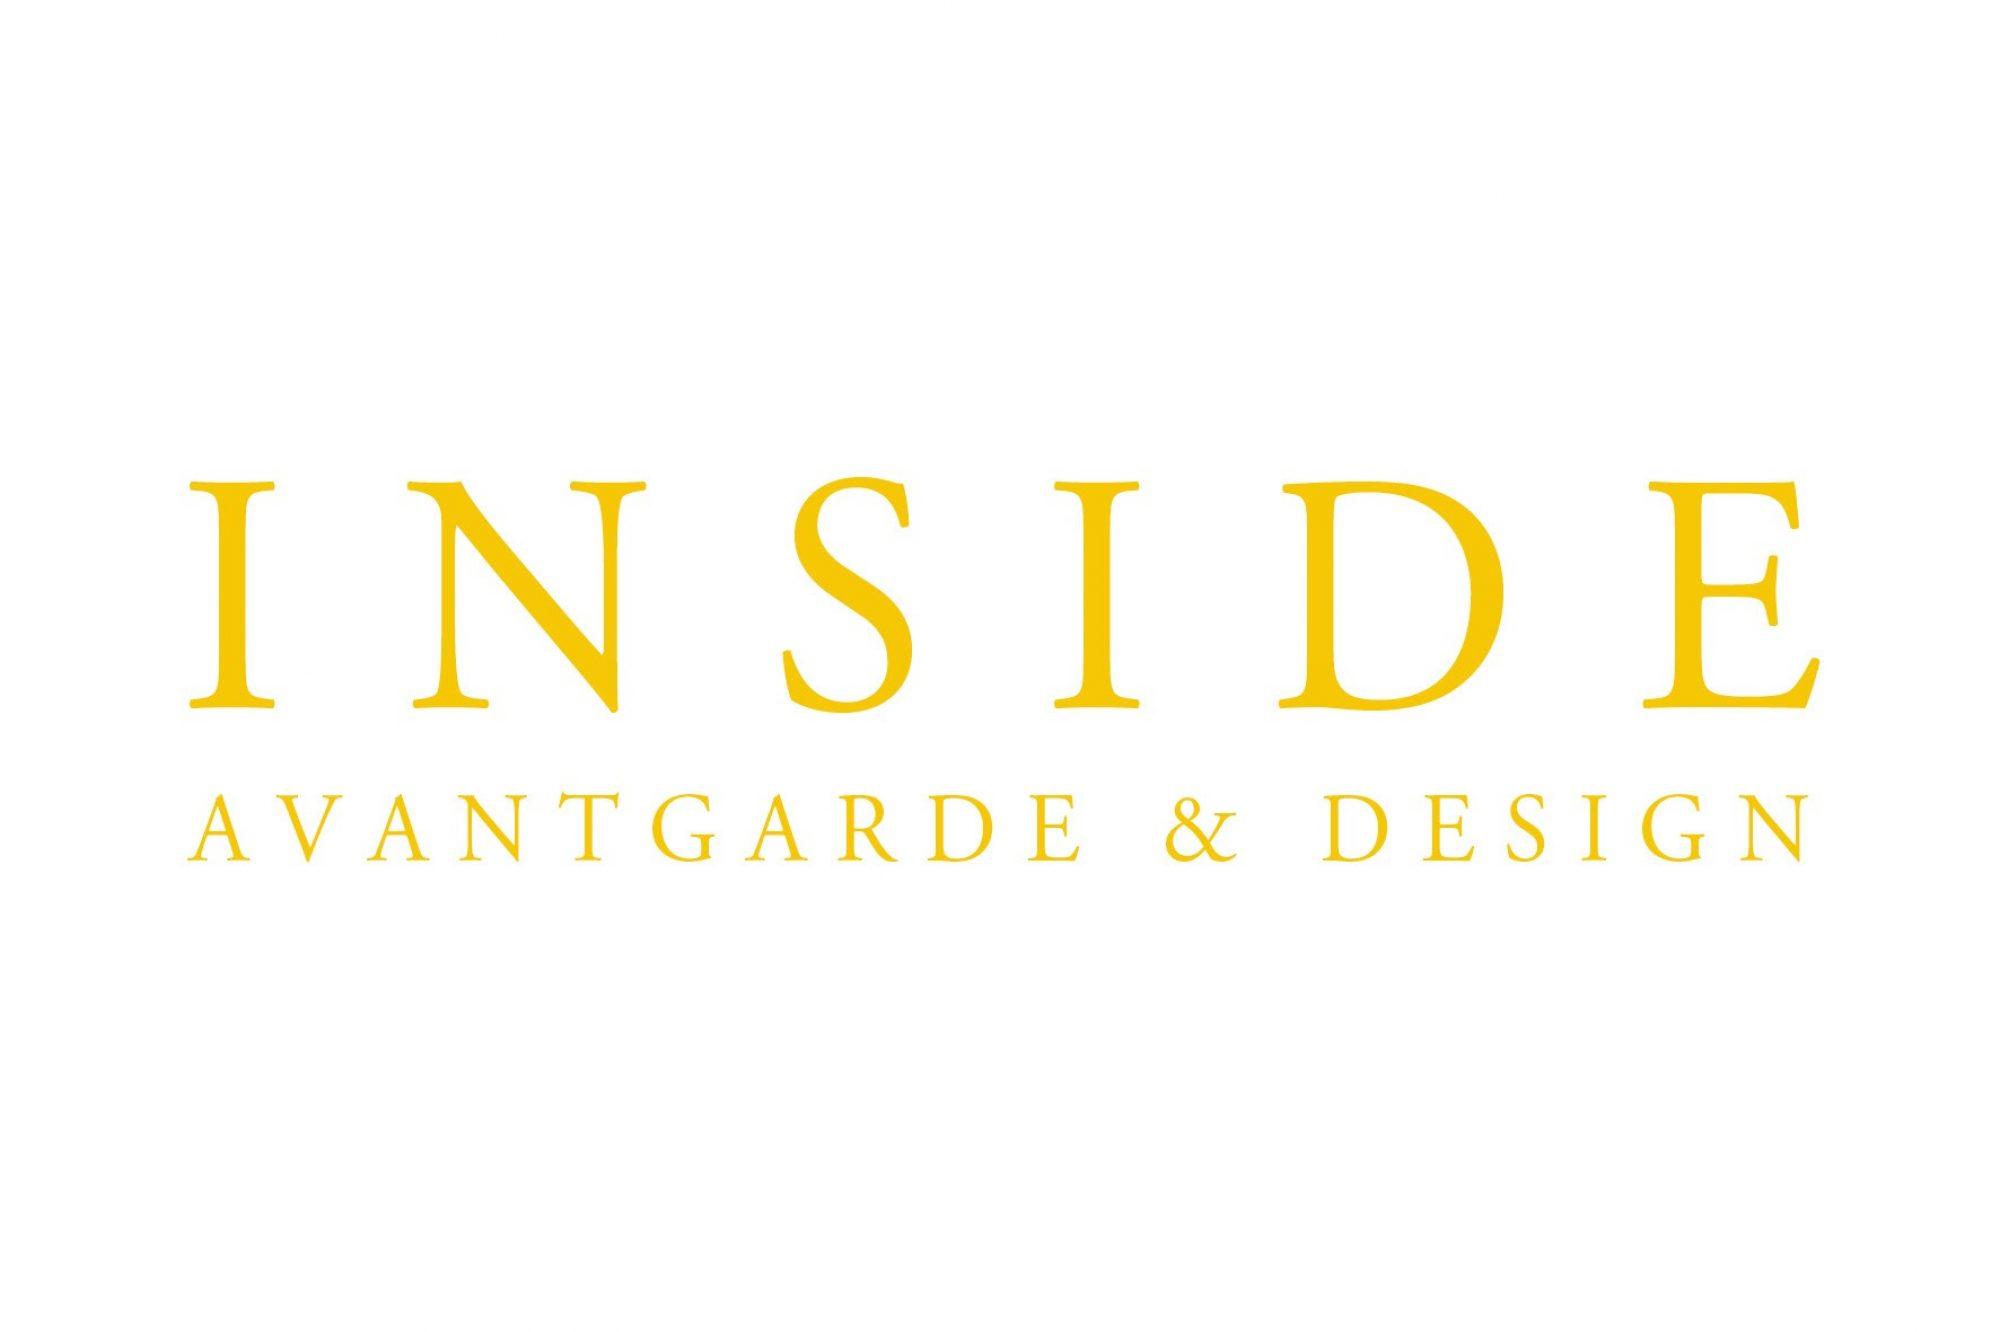 Inside Avantgarde